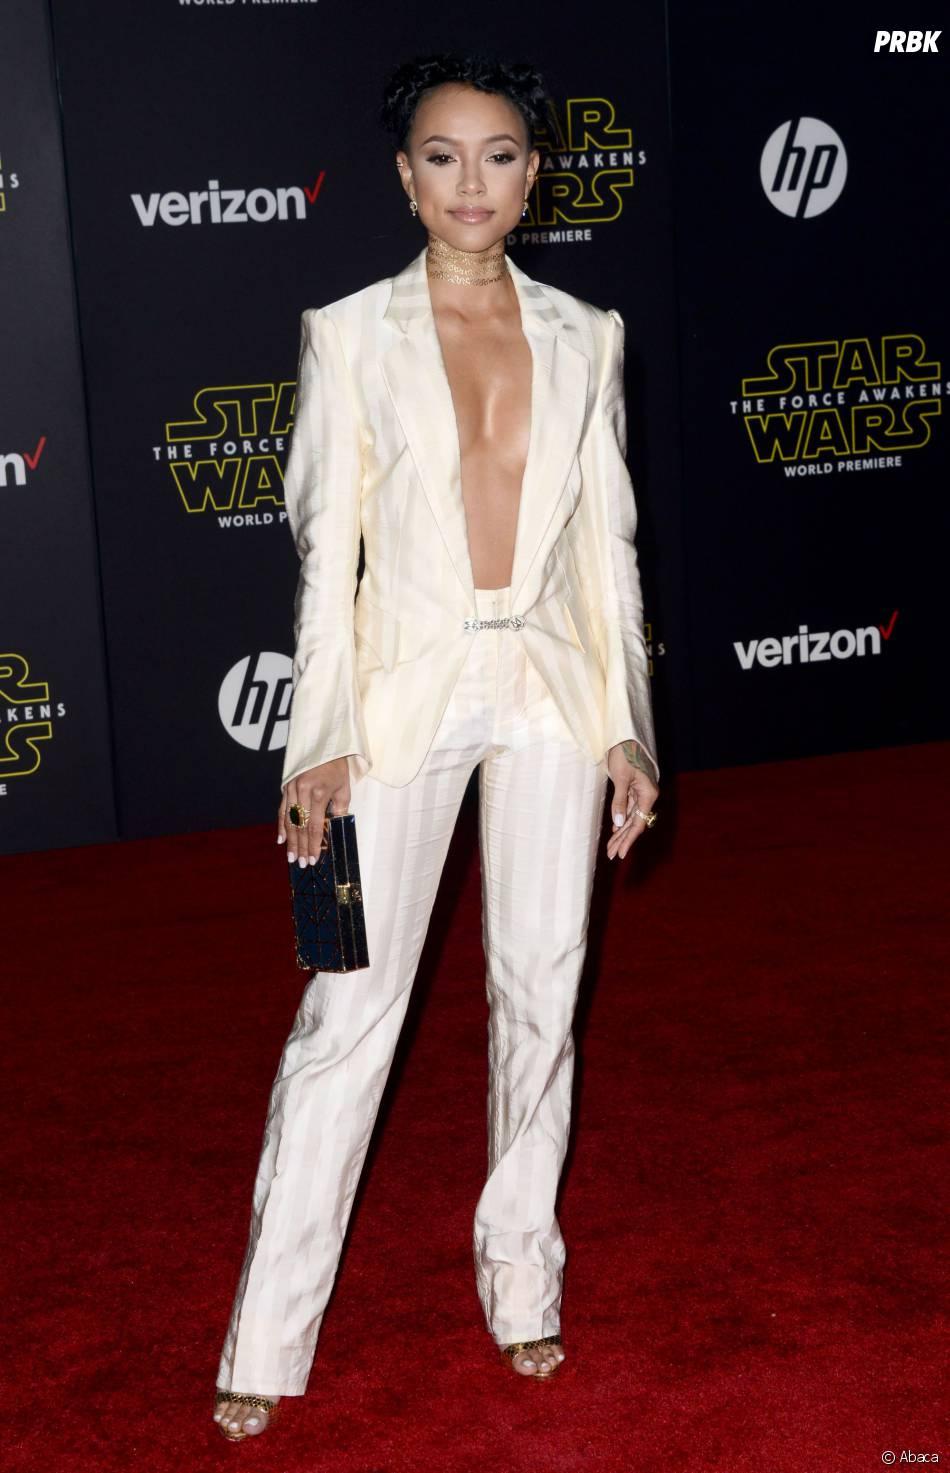 Karrueche Tran nue sous sa veste à l'avant-première de Star Wars 7, le 14 décembre 2015 à Los Angeles